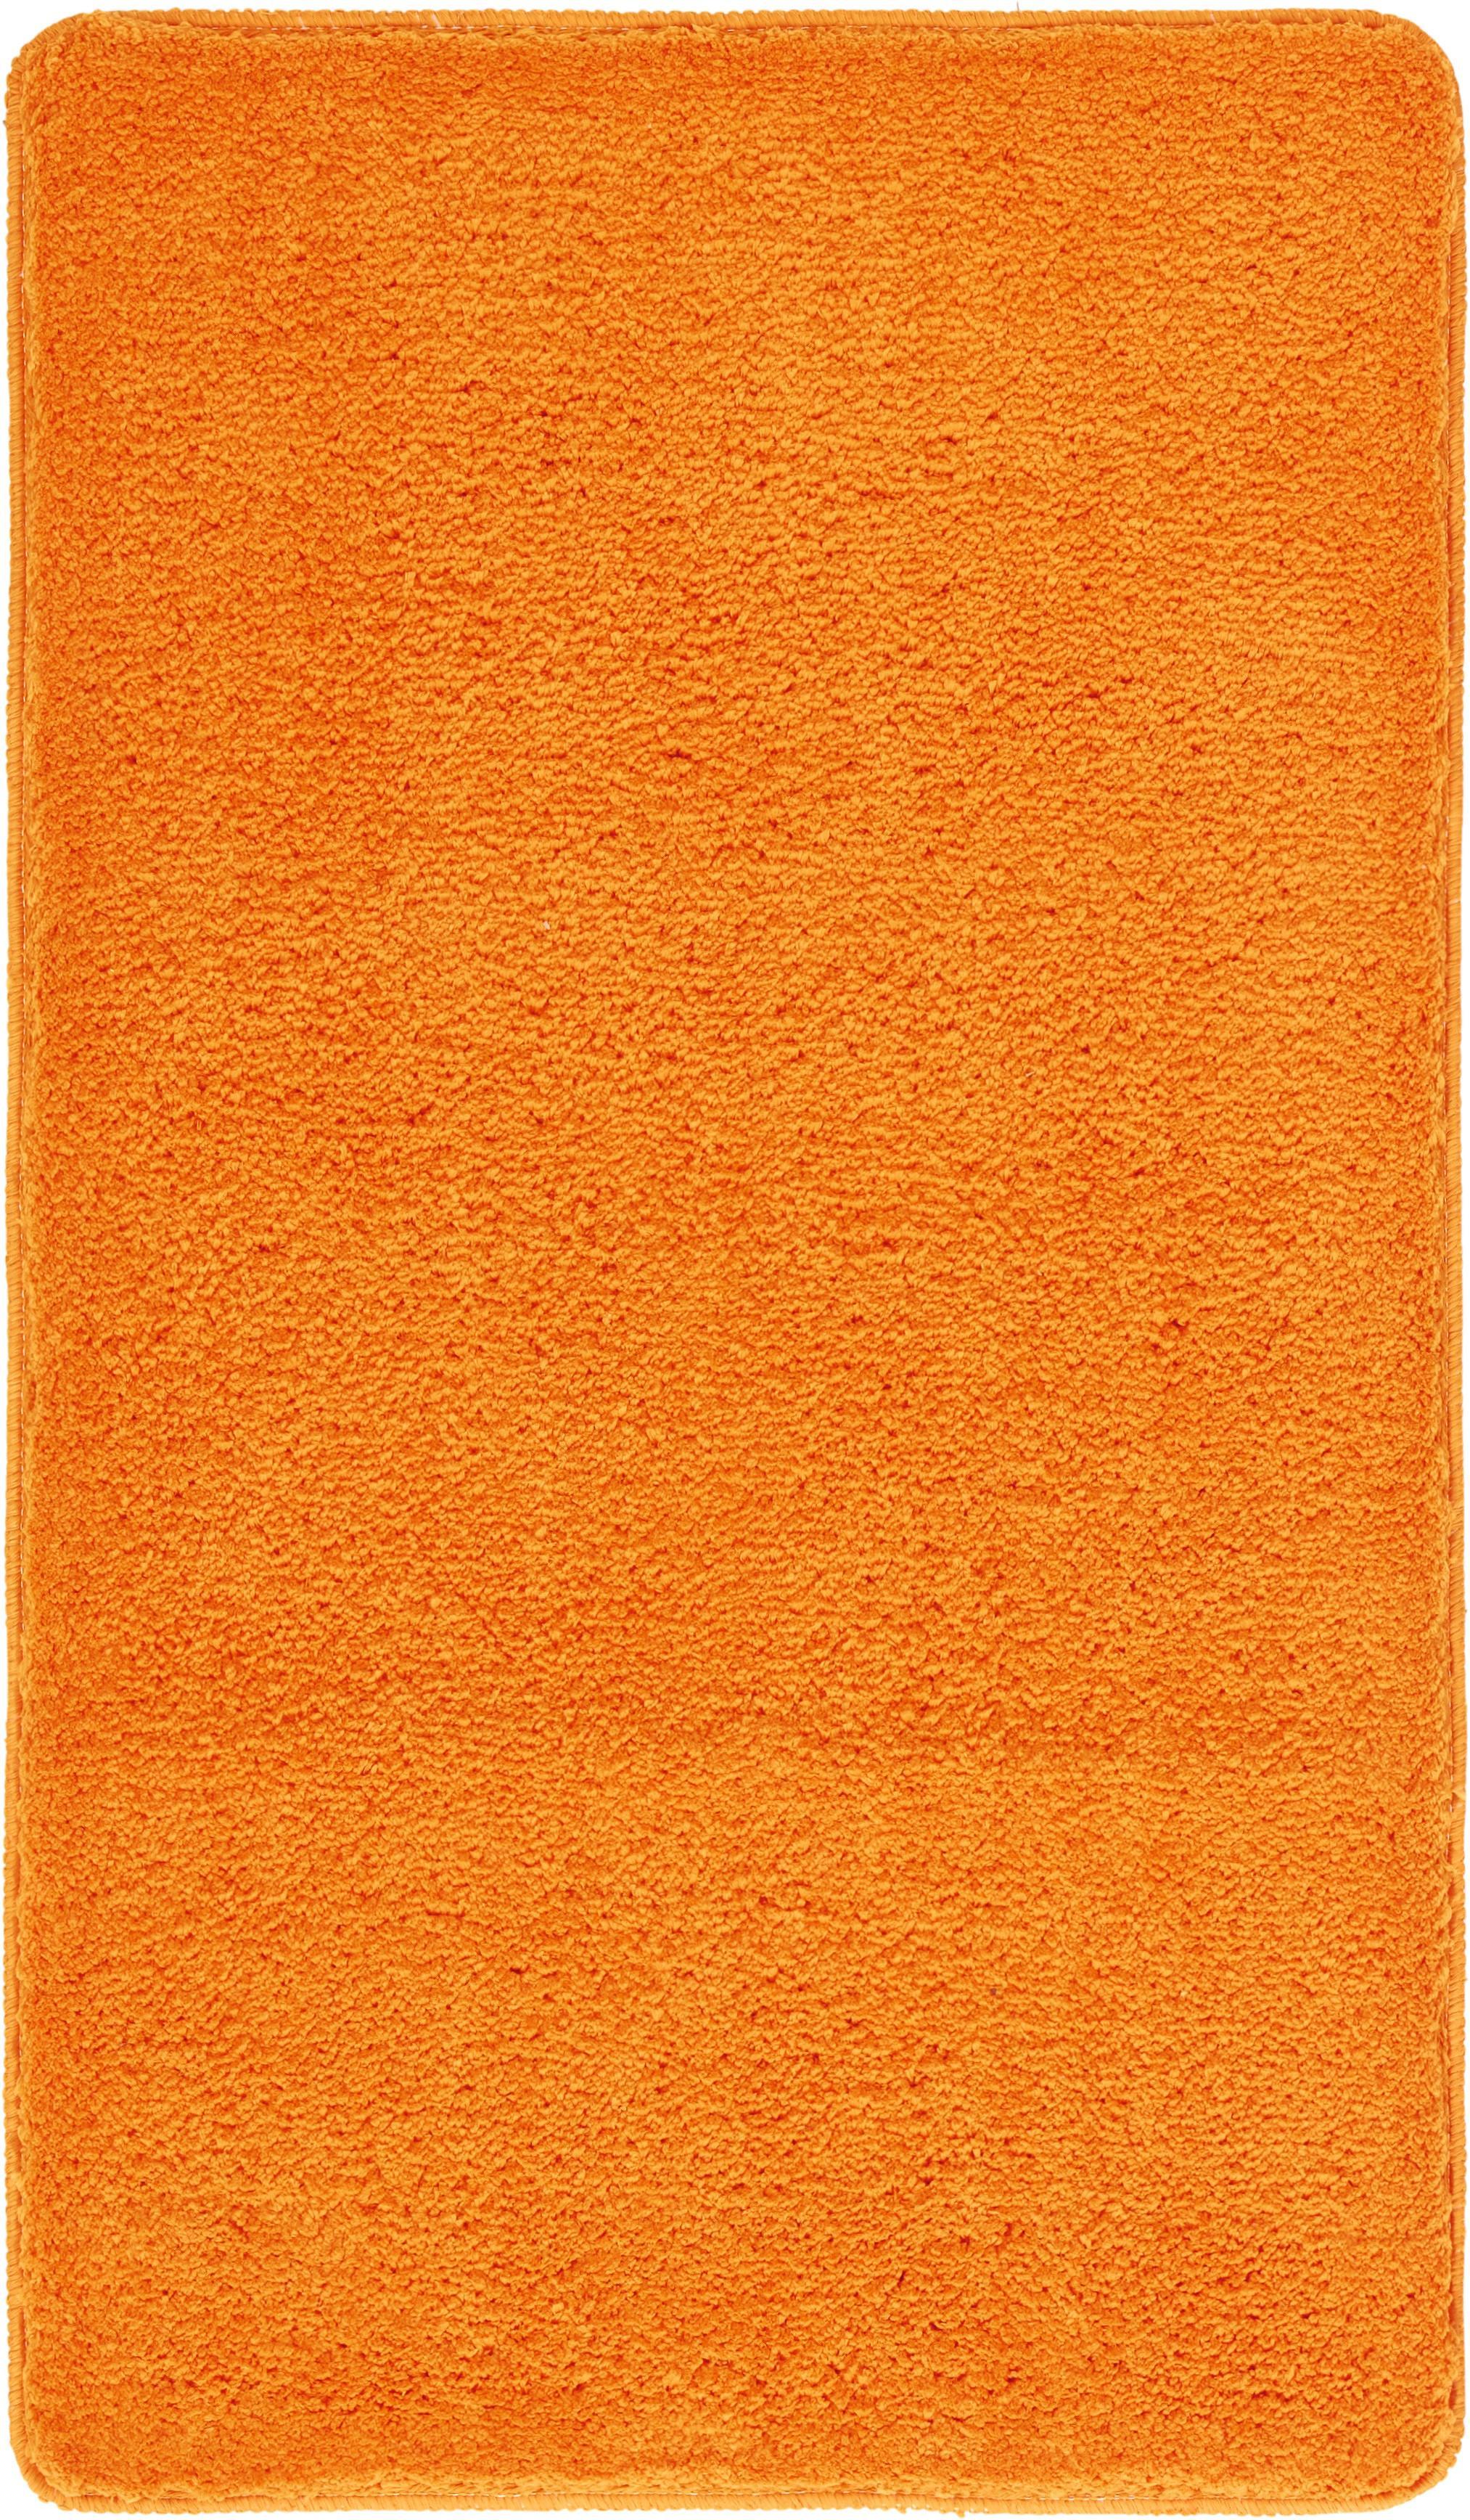 Kopalniška Preproga Christina - oranžna, tekstil (70/120cm) - MÖMAX modern living